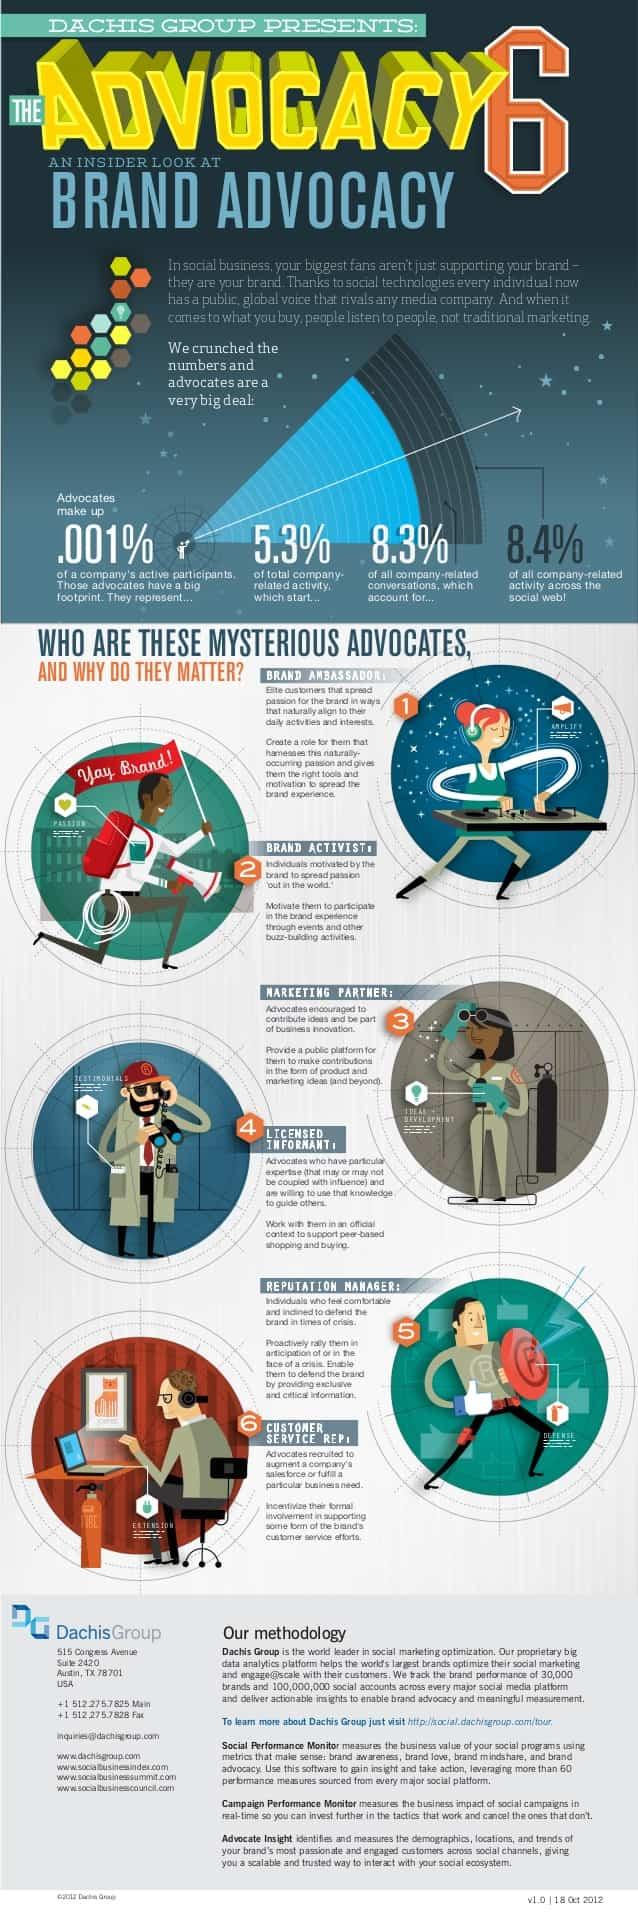 brand-advocates-infographic